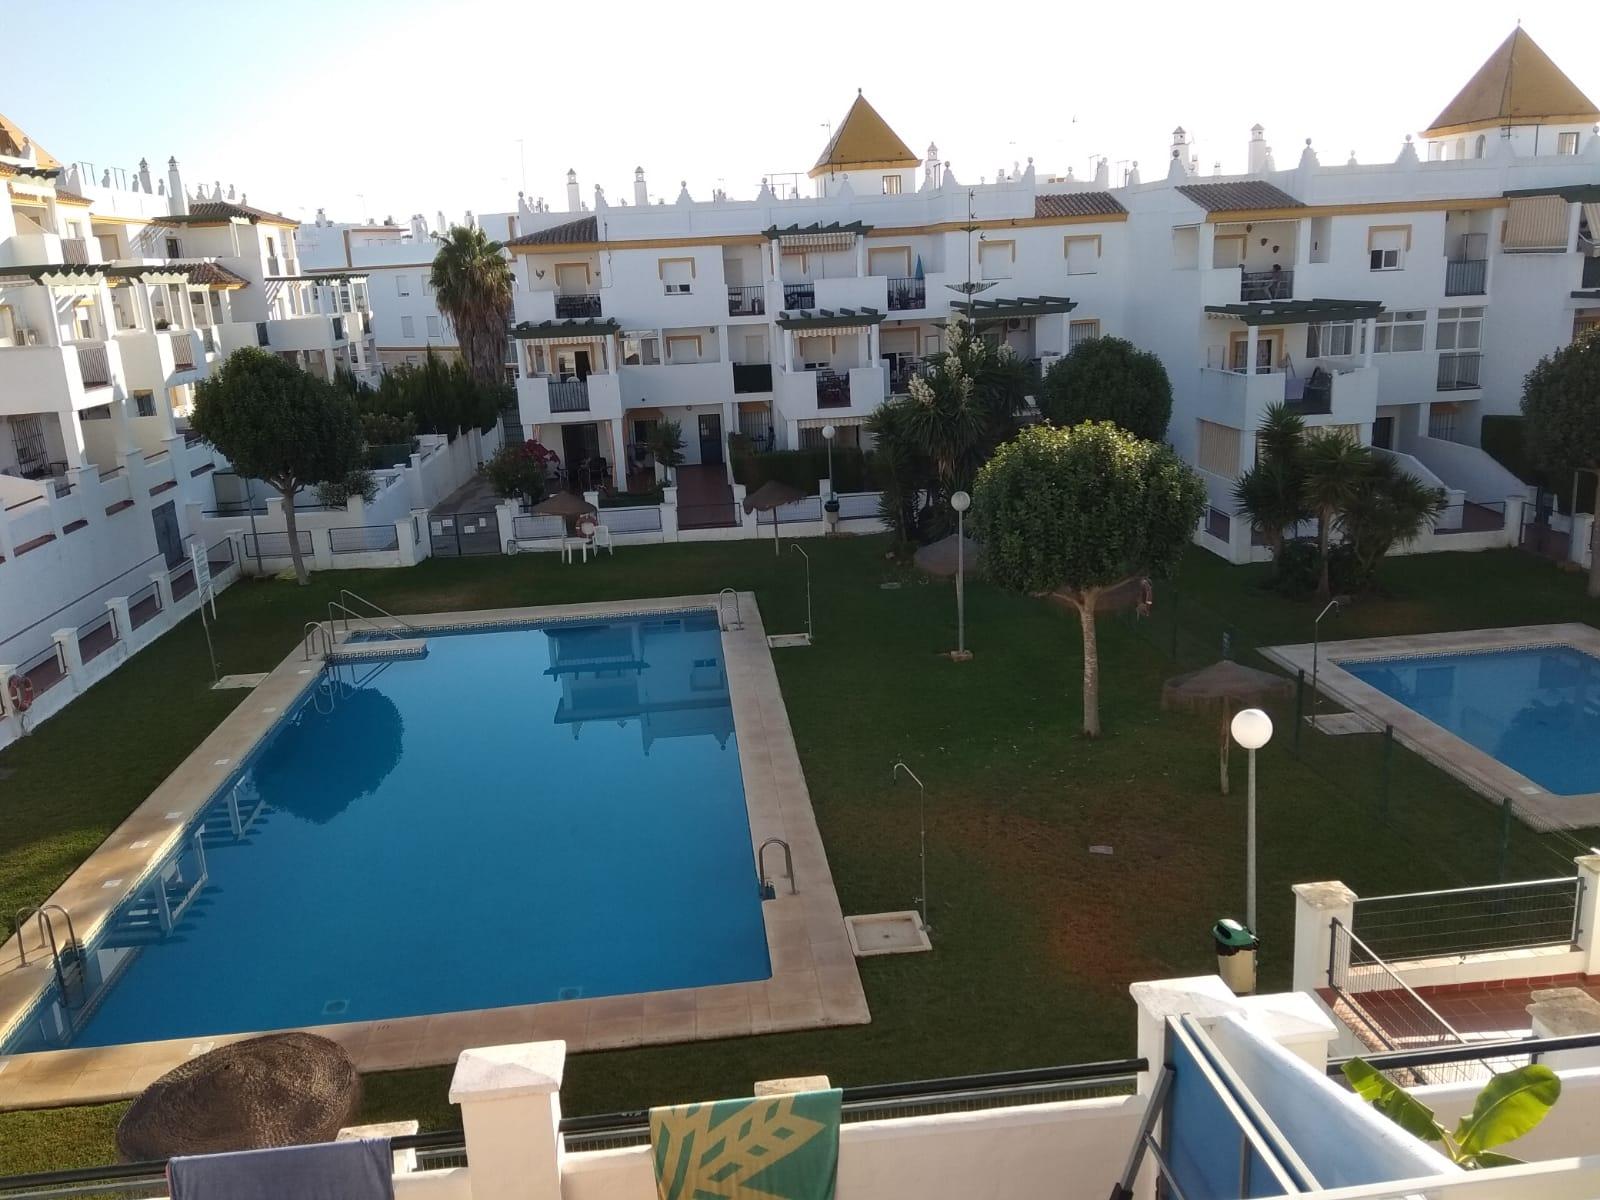 Conil 162 P4,Apartment  with communal pool in Conil de la Frontera, Costa de la Luz, Spain for 4 persons.....